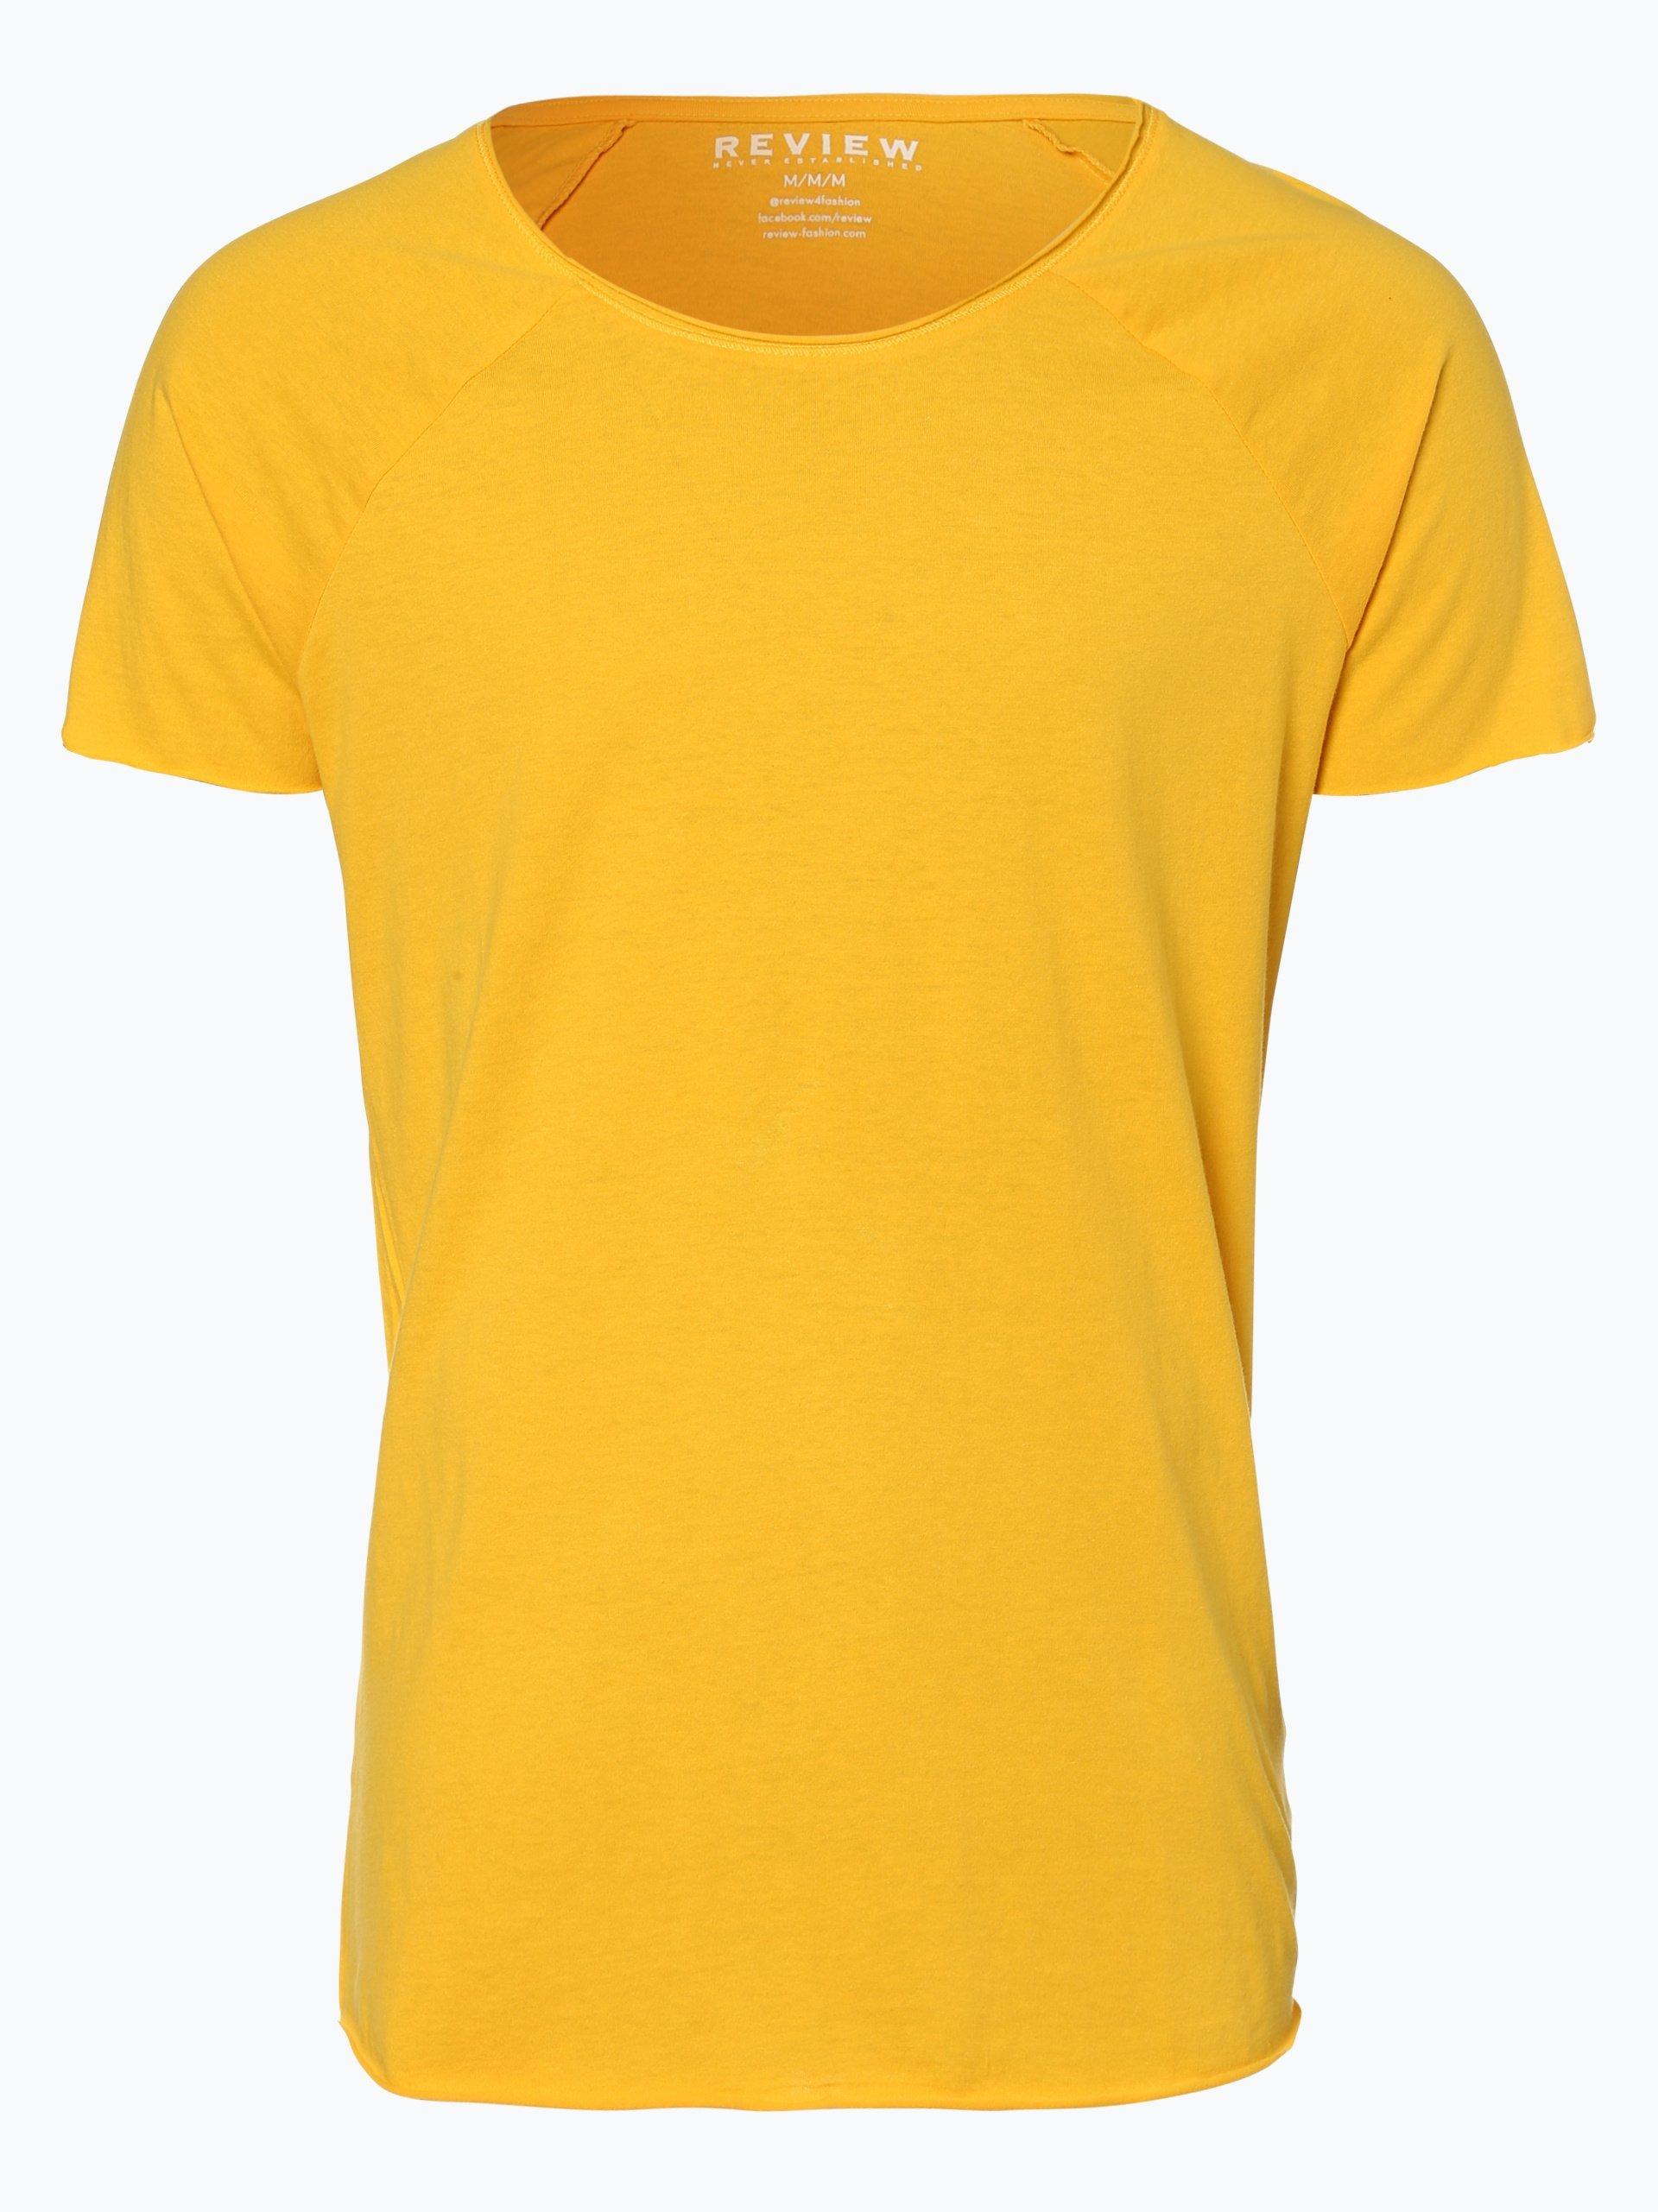 review herren t shirt gelb gemustert online kaufen peek. Black Bedroom Furniture Sets. Home Design Ideas